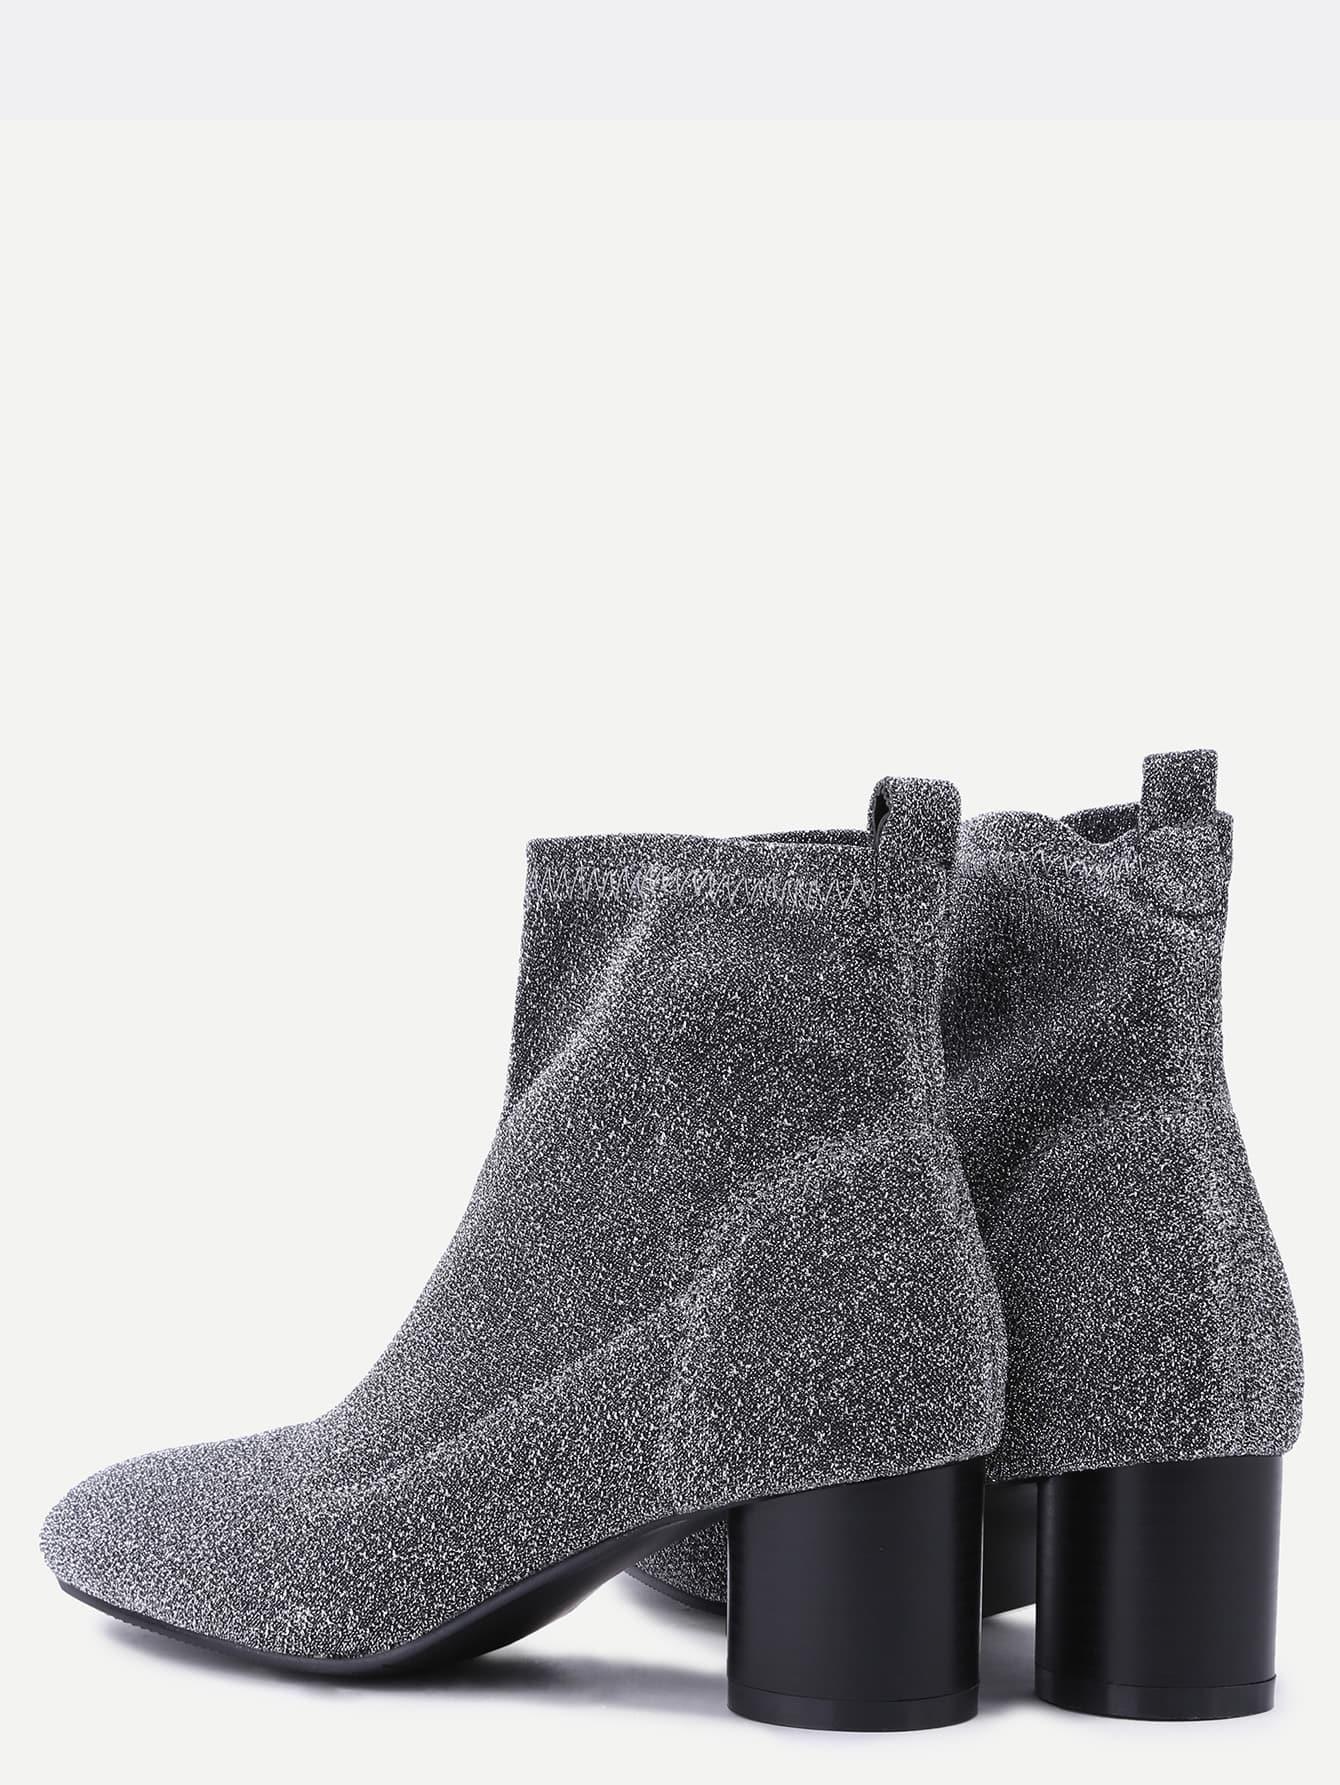 shoes161006816_2